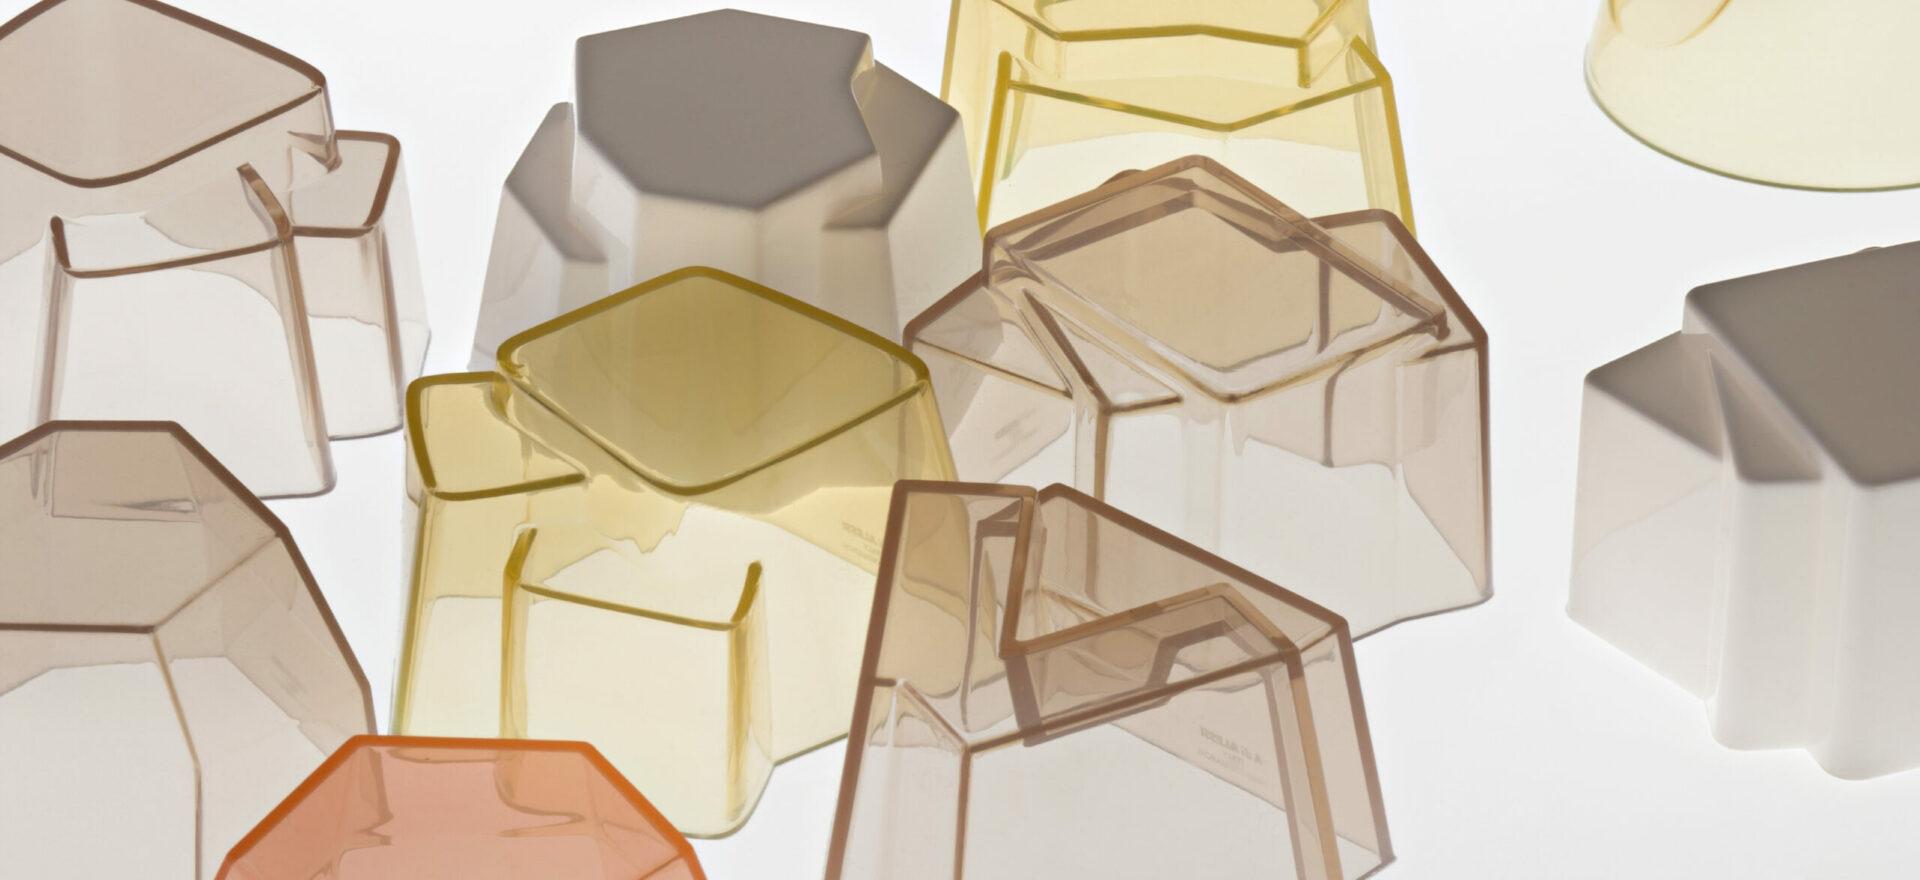 Il tempo della Festa | Product Design | Silicone timbale moulds | Alessi | Mario Trimarchi Design | Ph Santi Caleca